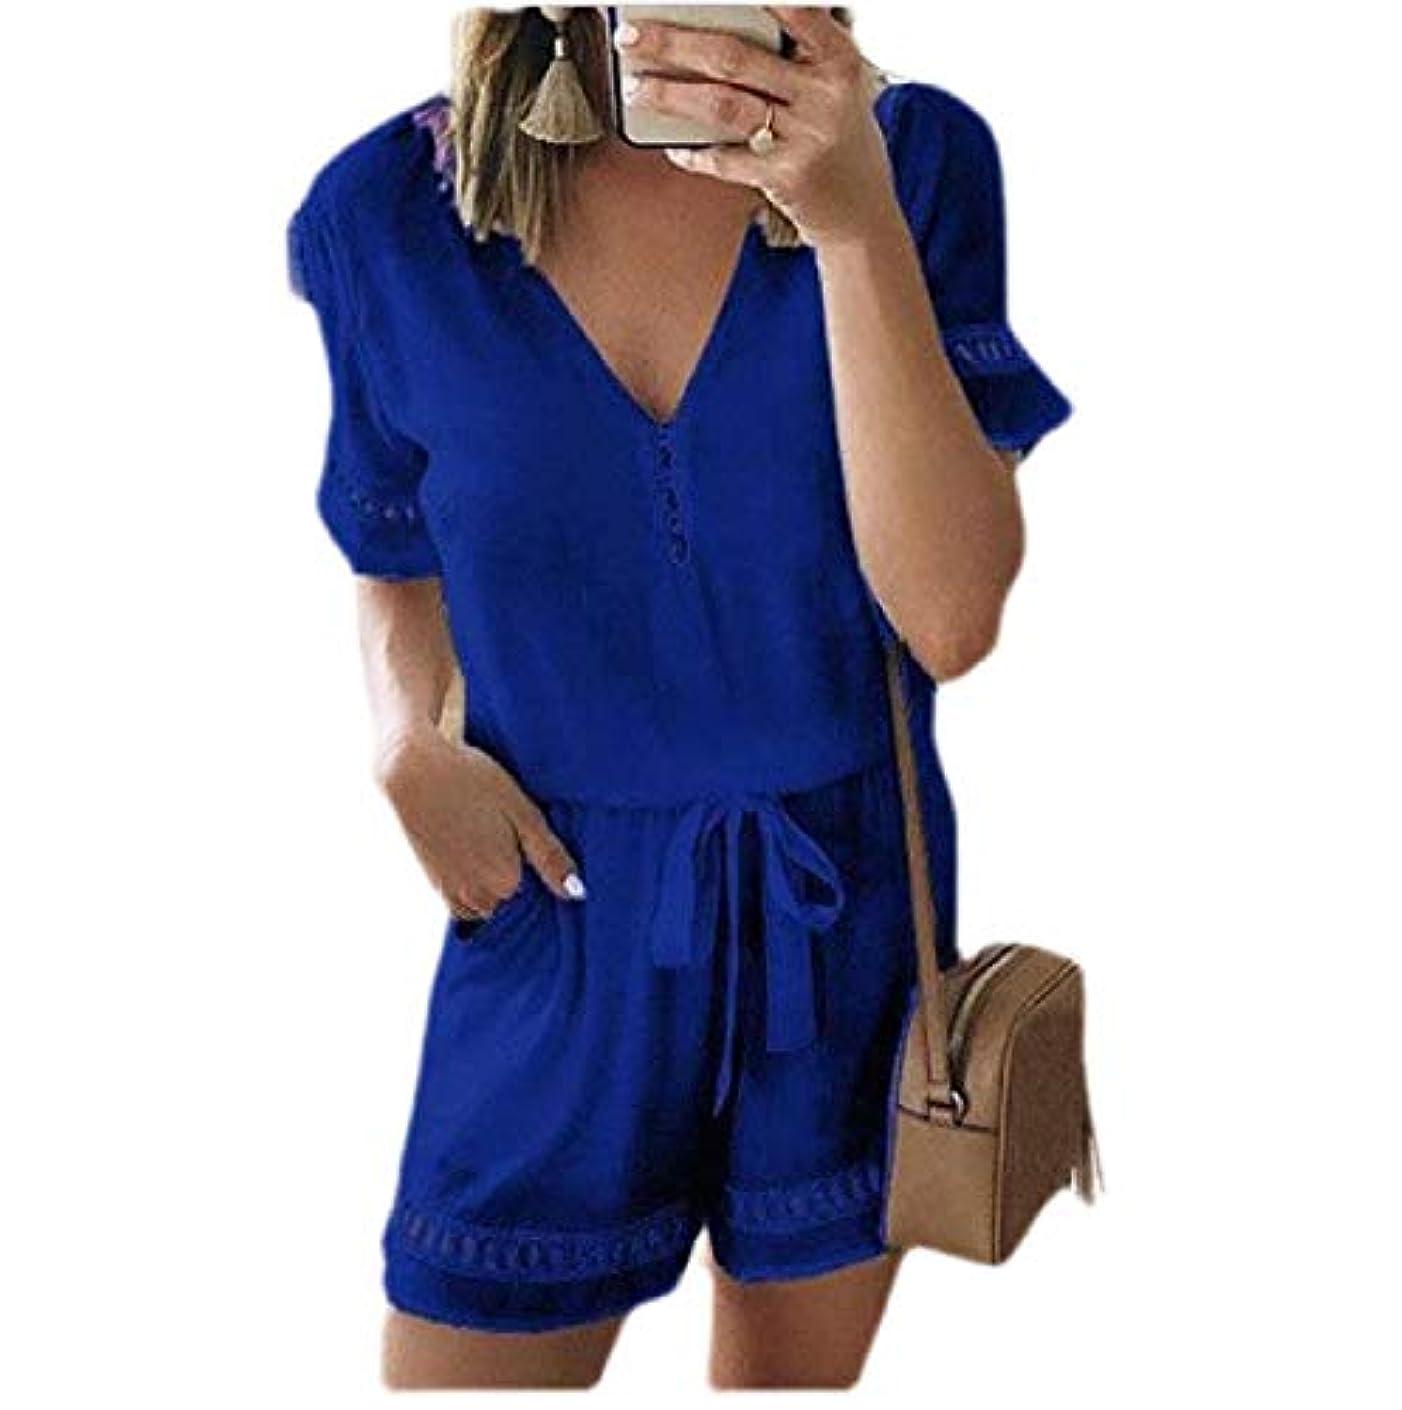 モーテル赤外線ティーンエイジャーMemories Love Women's V-Neck Chiffon Short Sleeve Shorts Casual Rompers Jumpsuit